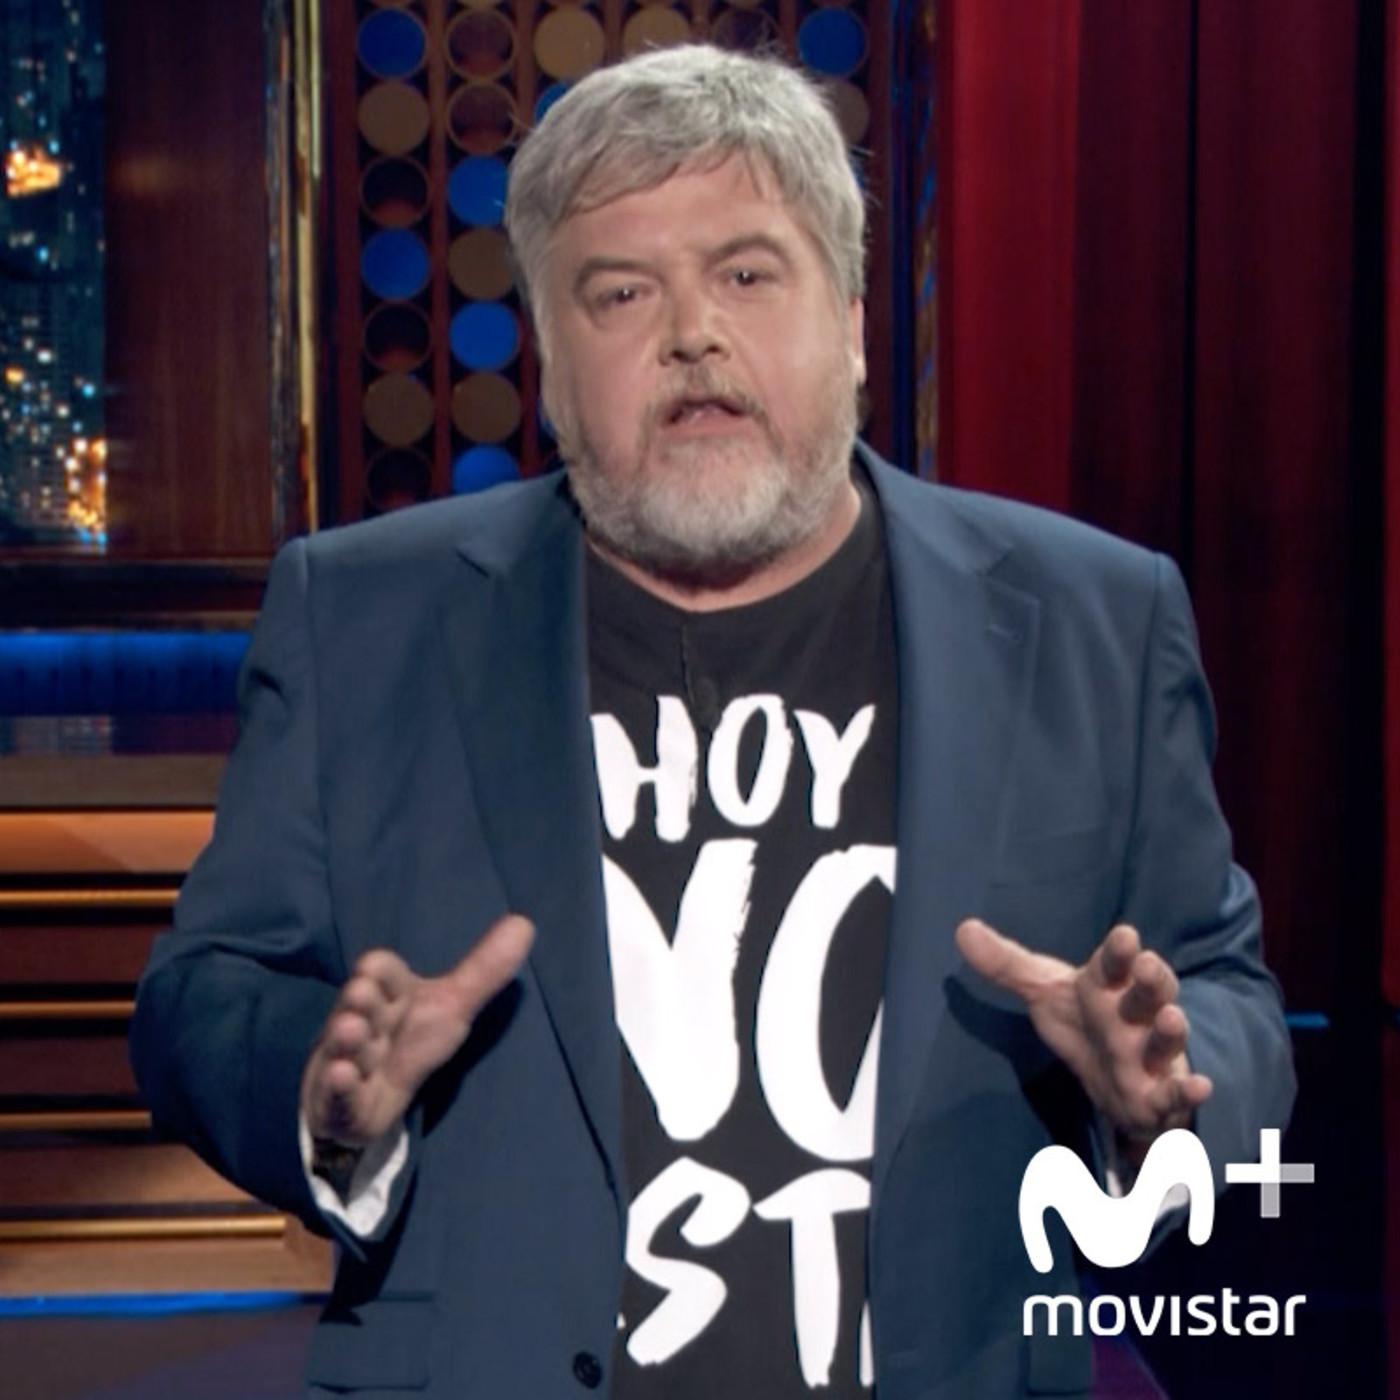 LATE MOTIV 576 - Monólogo de Javier Coronas